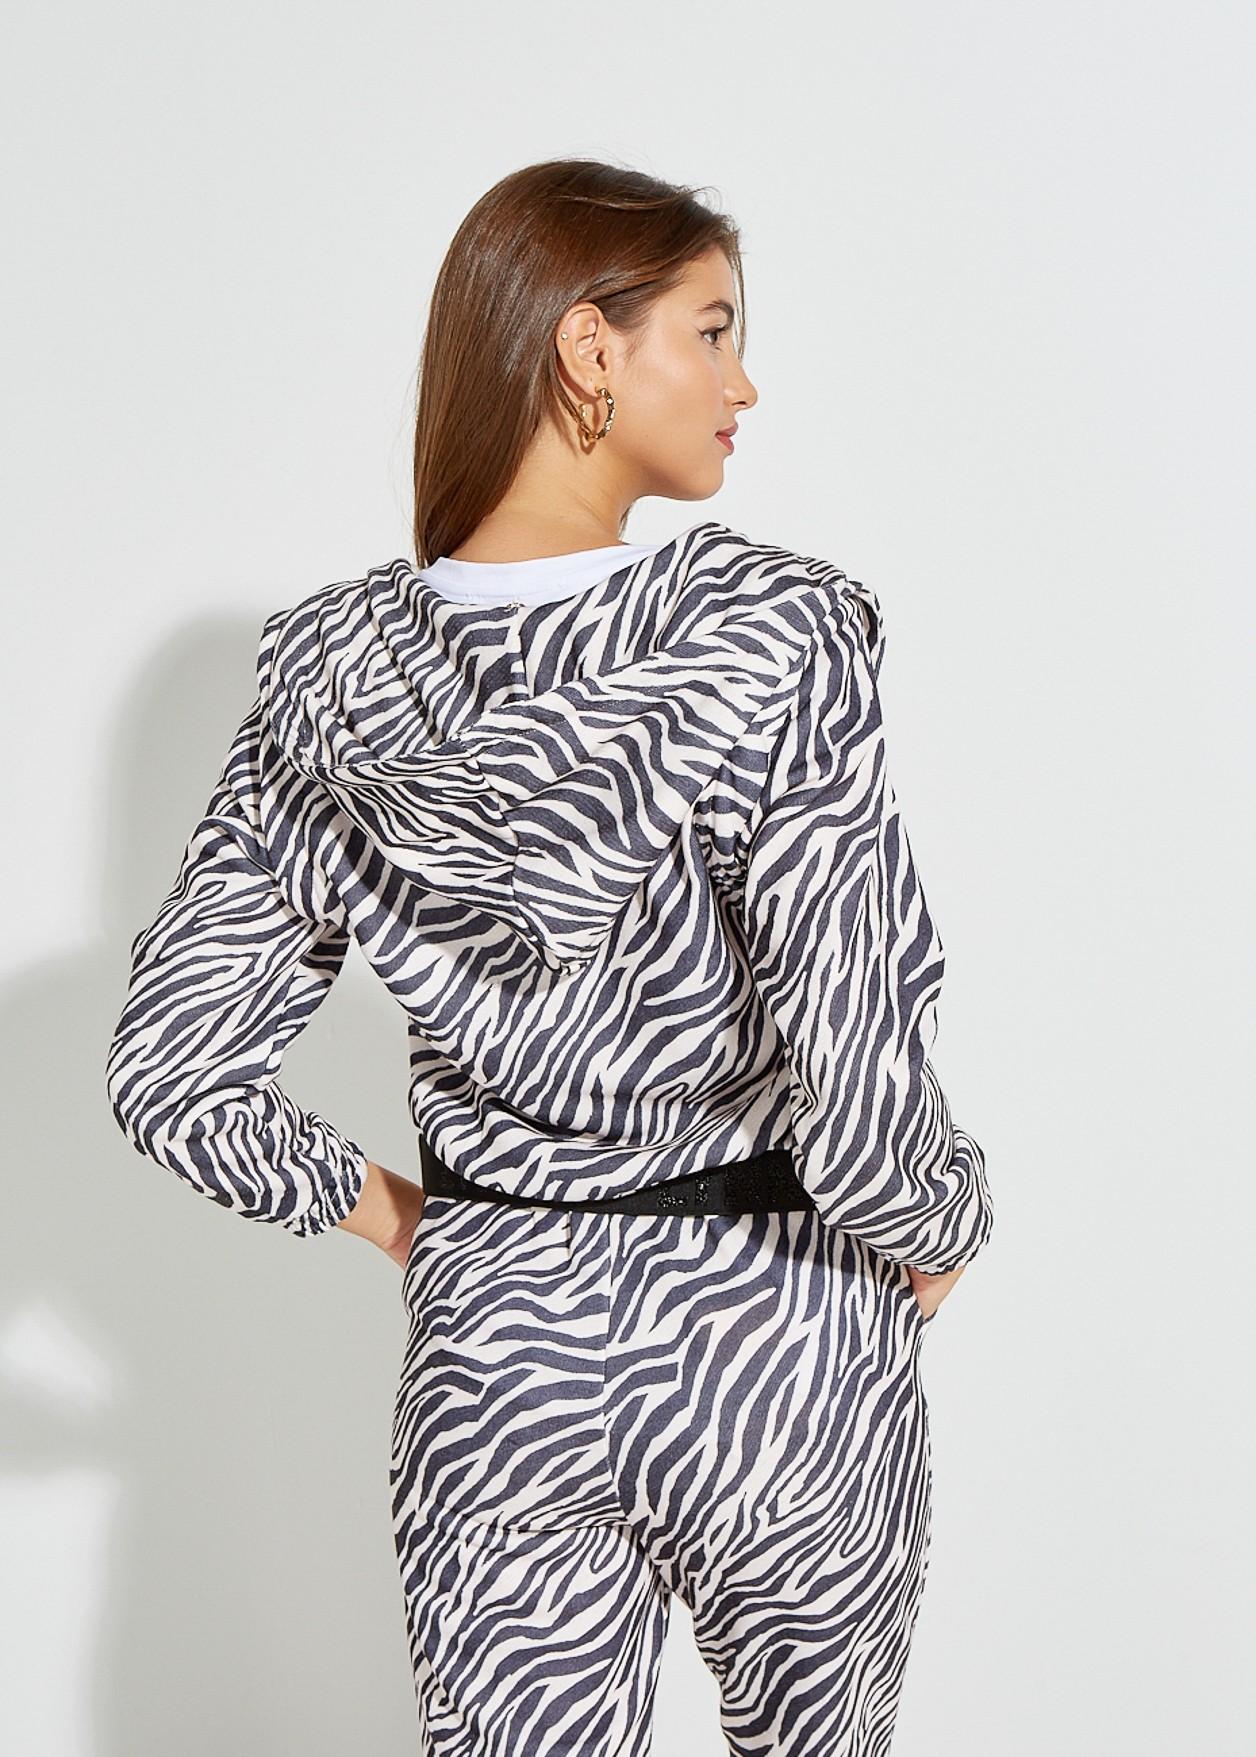 Cardigan with zebra print